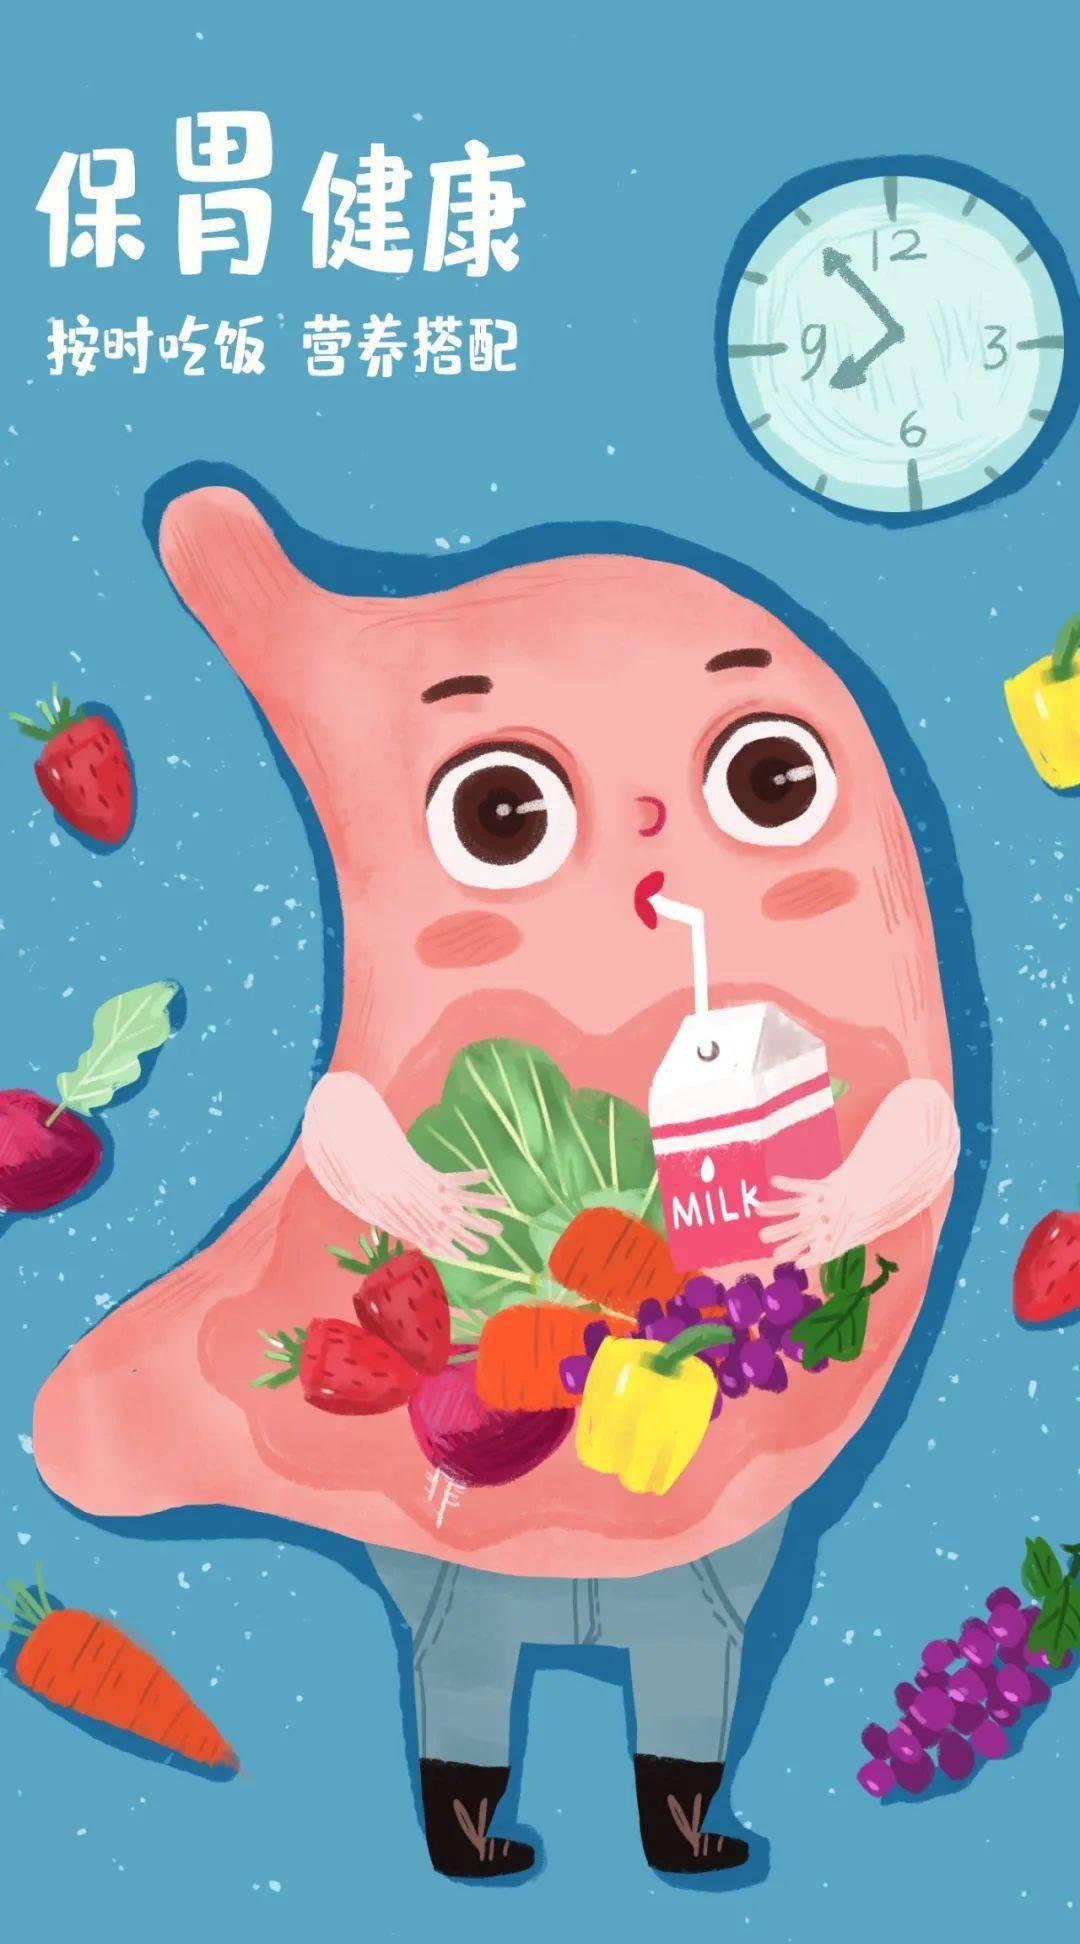 胃不好就多喝粥,别吃肉了?关于养胃,你是不是有很多问号?